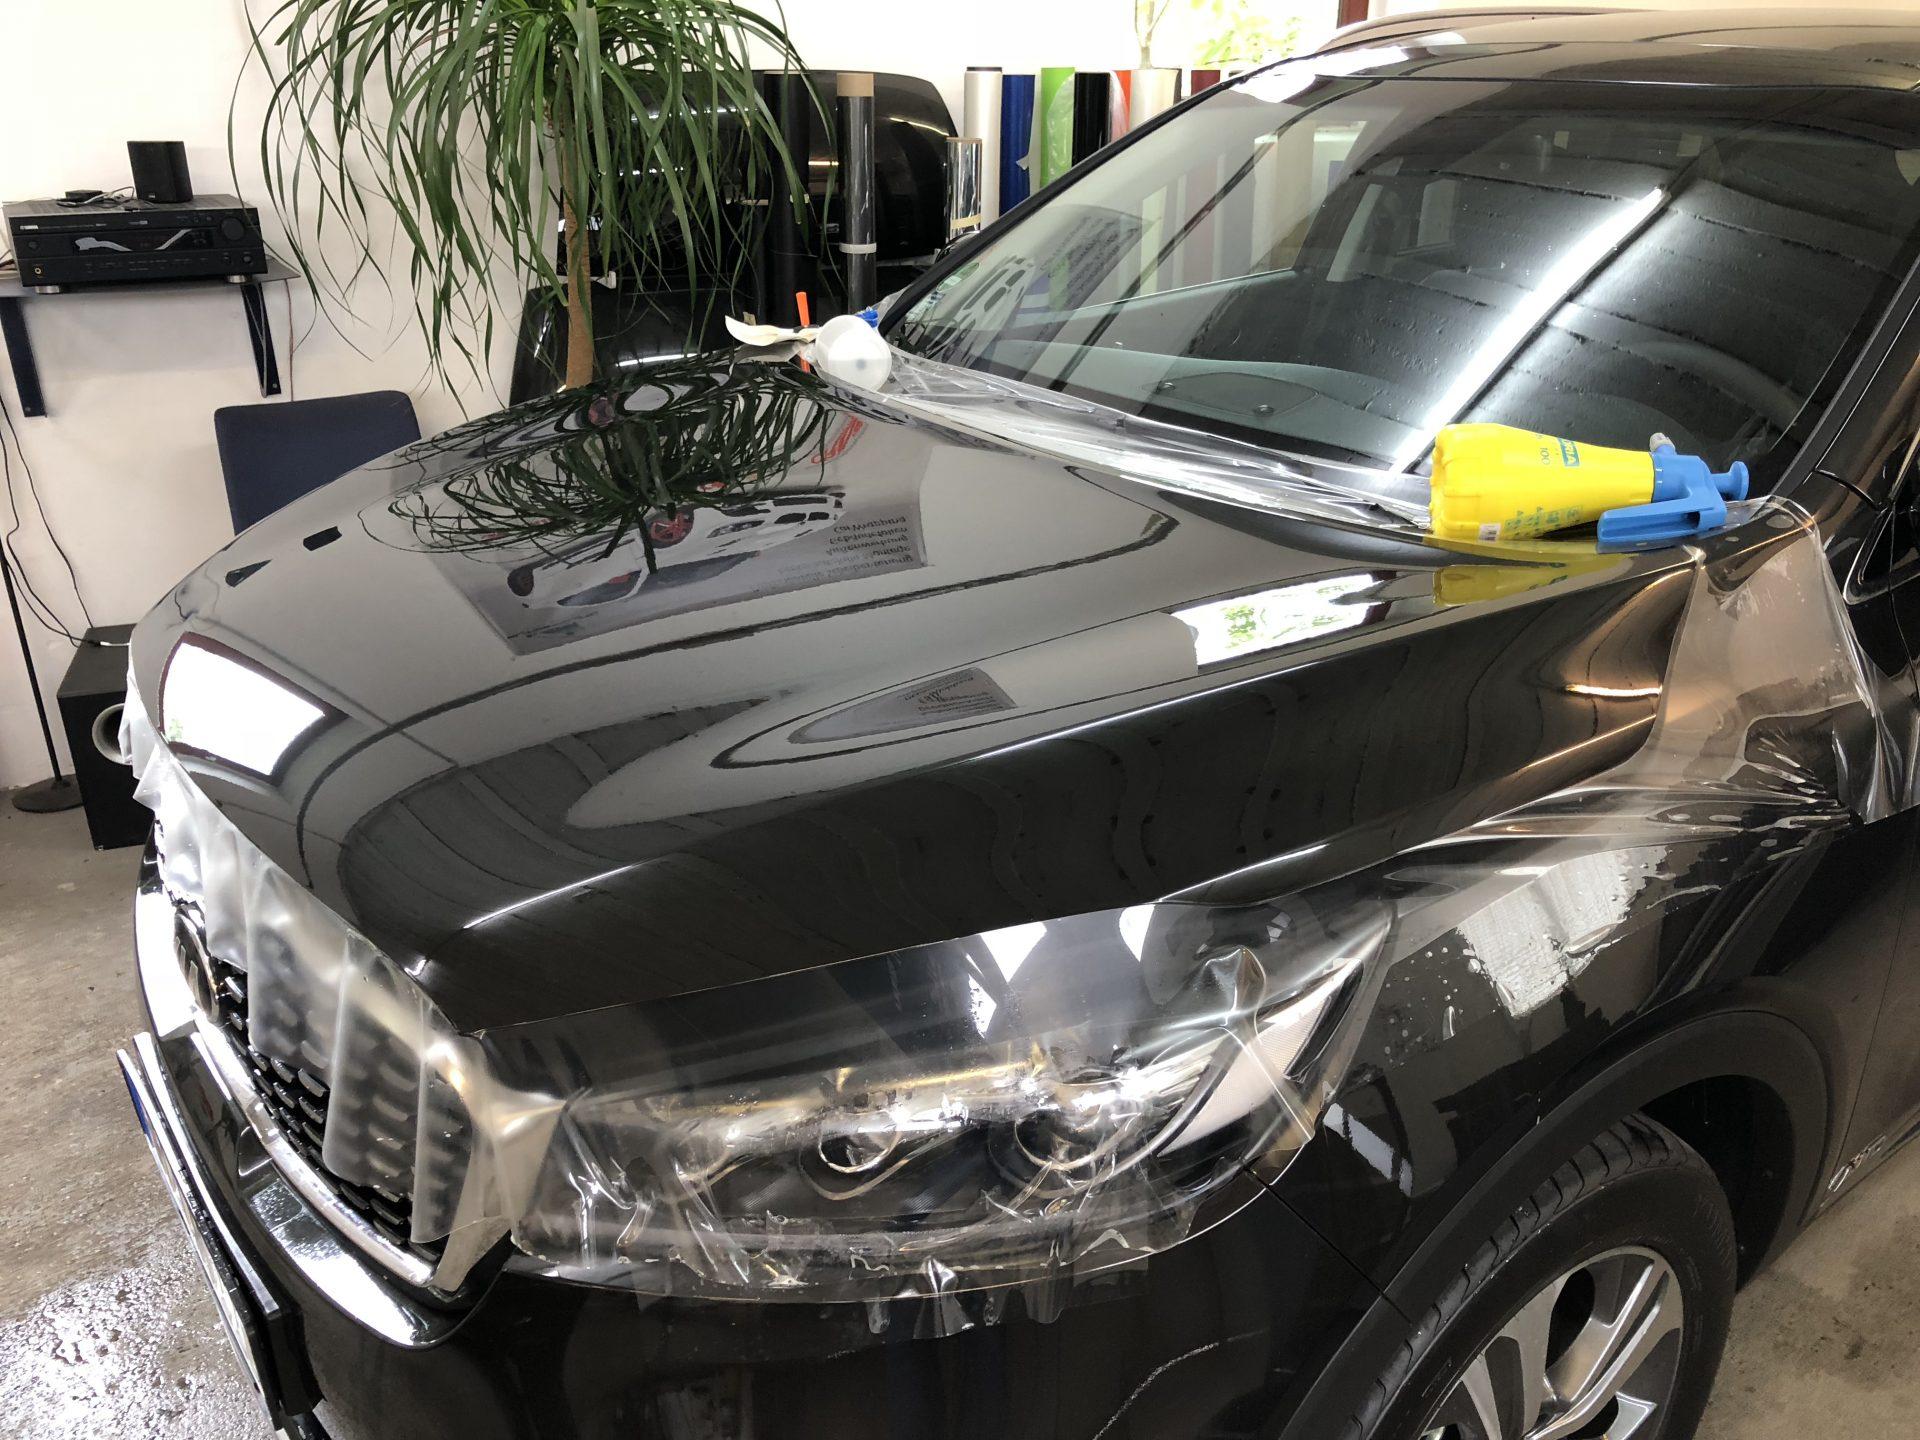 Lackschutzfolie auf die Motorhaube